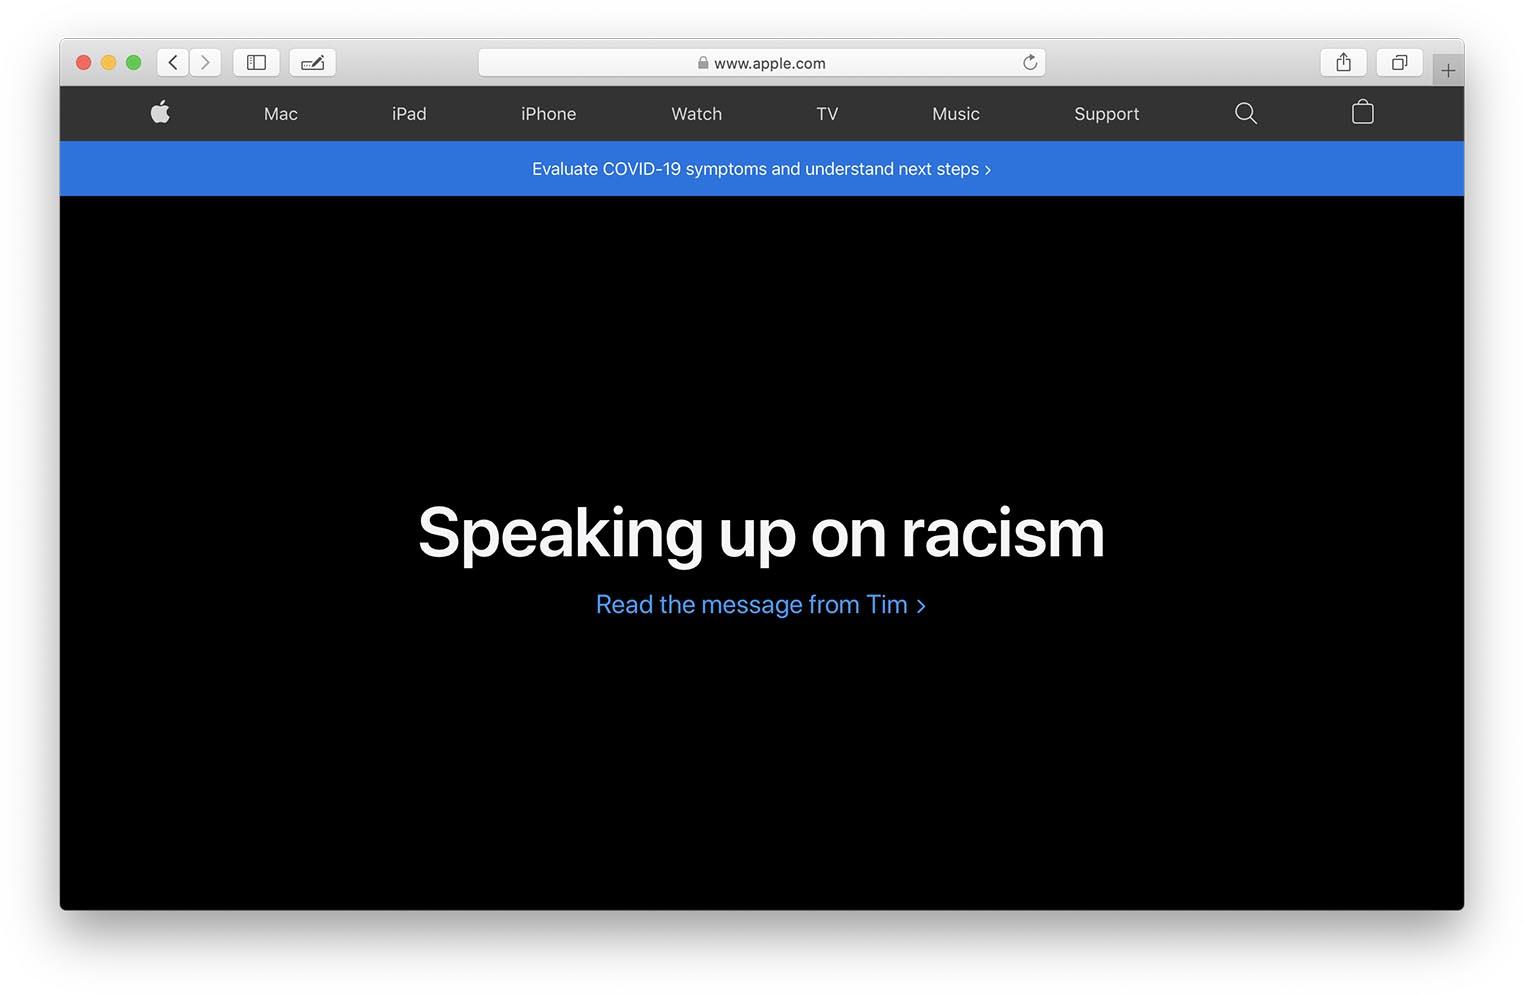 Tim Cook lettre ouverte contre le racisme